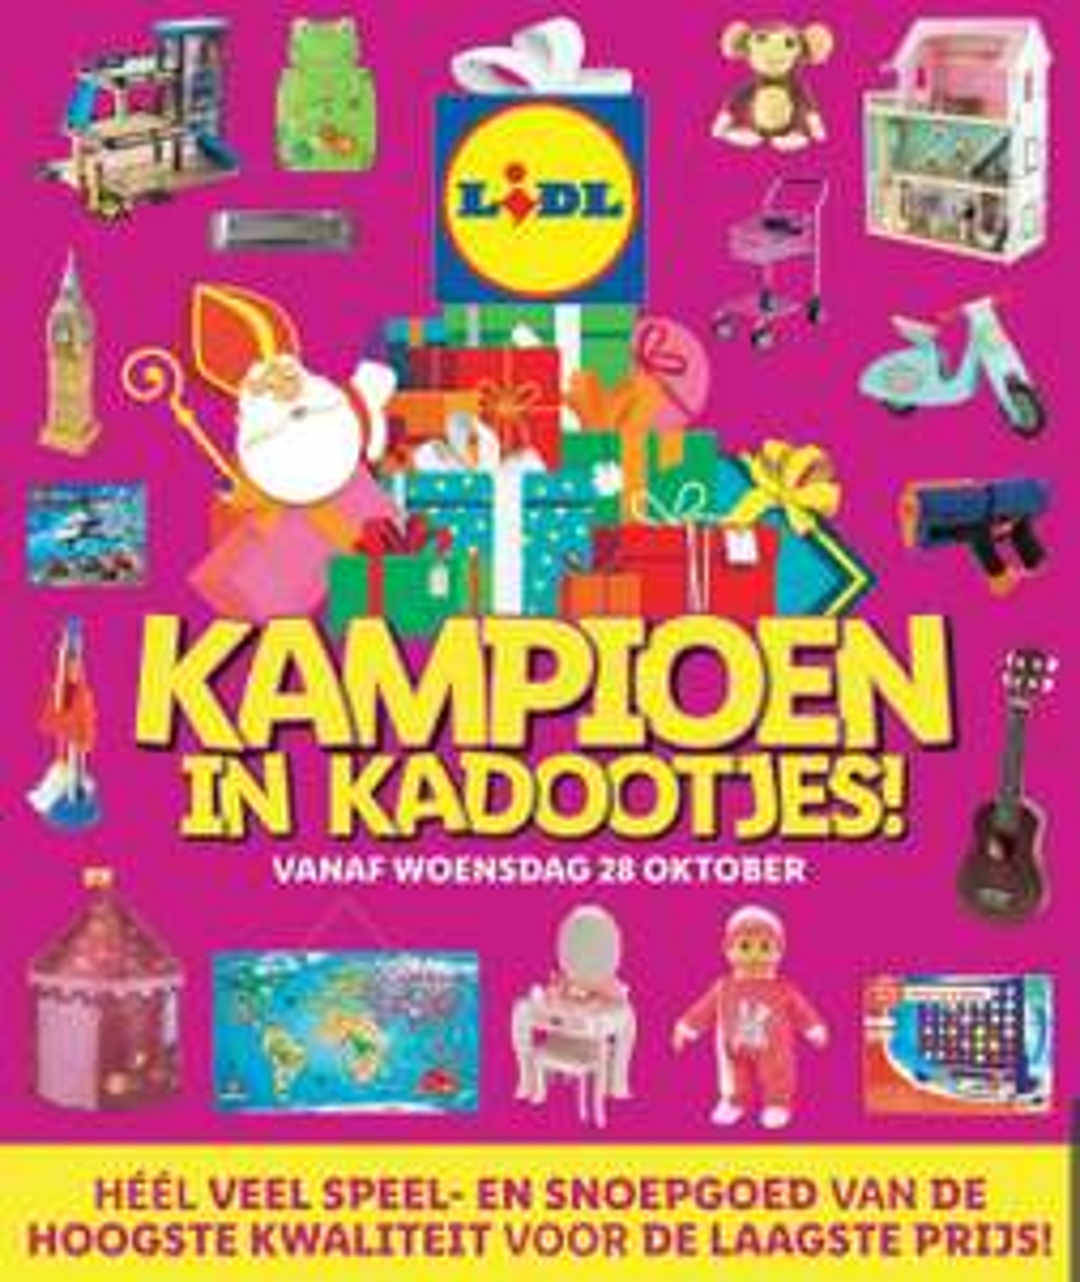 [vanaf 28 Oktober] Lidl - Kampioen in Kadootjes! (SINTERKLAAS EDITIE) prijsjes v.a.